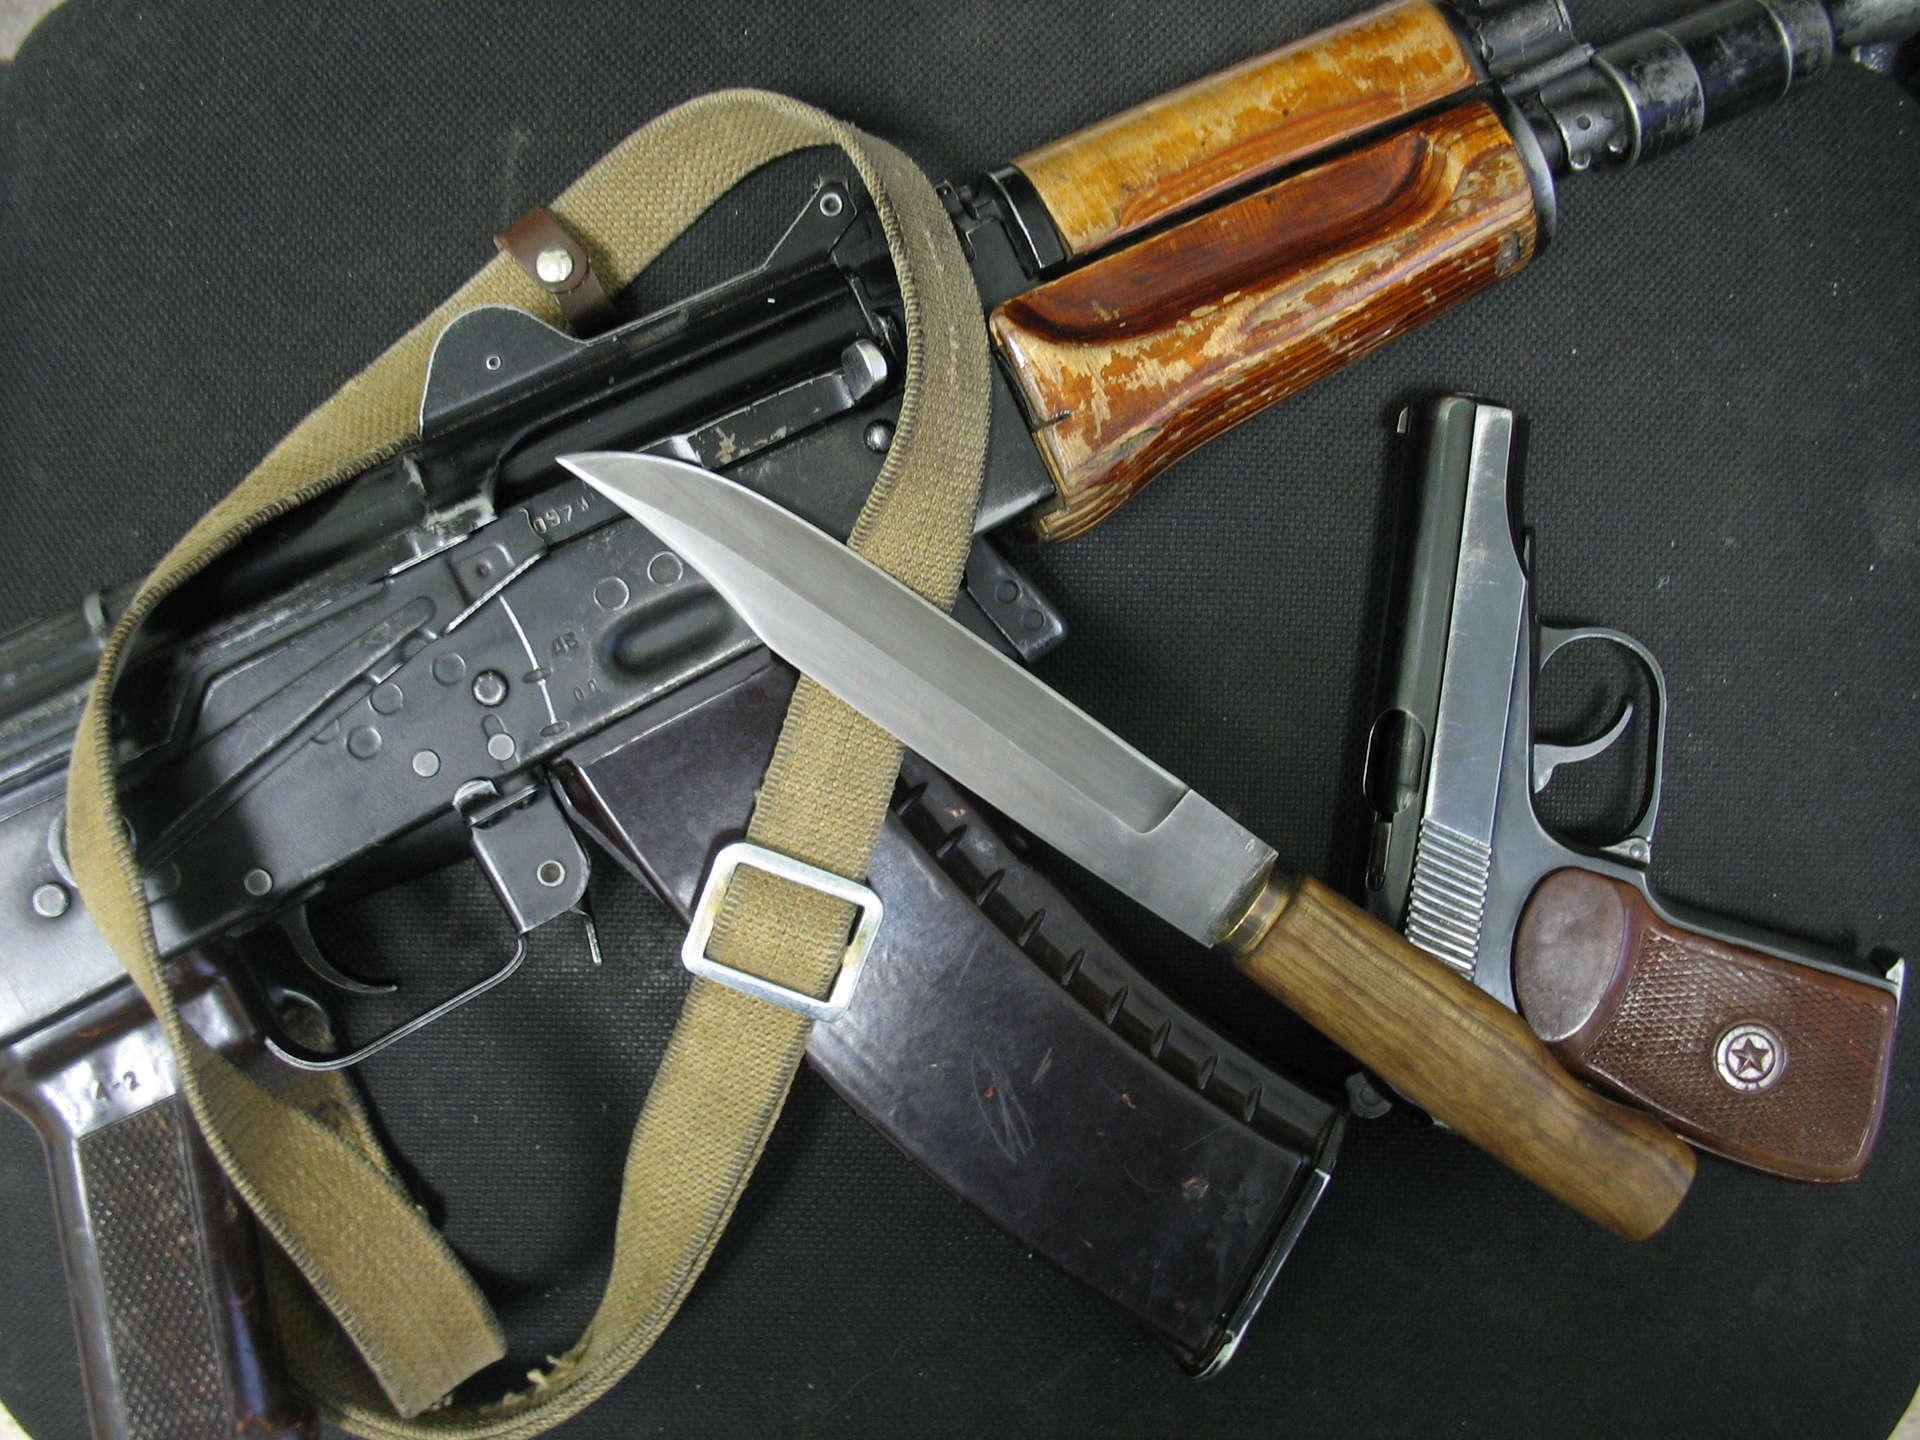 Автомат, нож и пистолет  № 3464986 загрузить